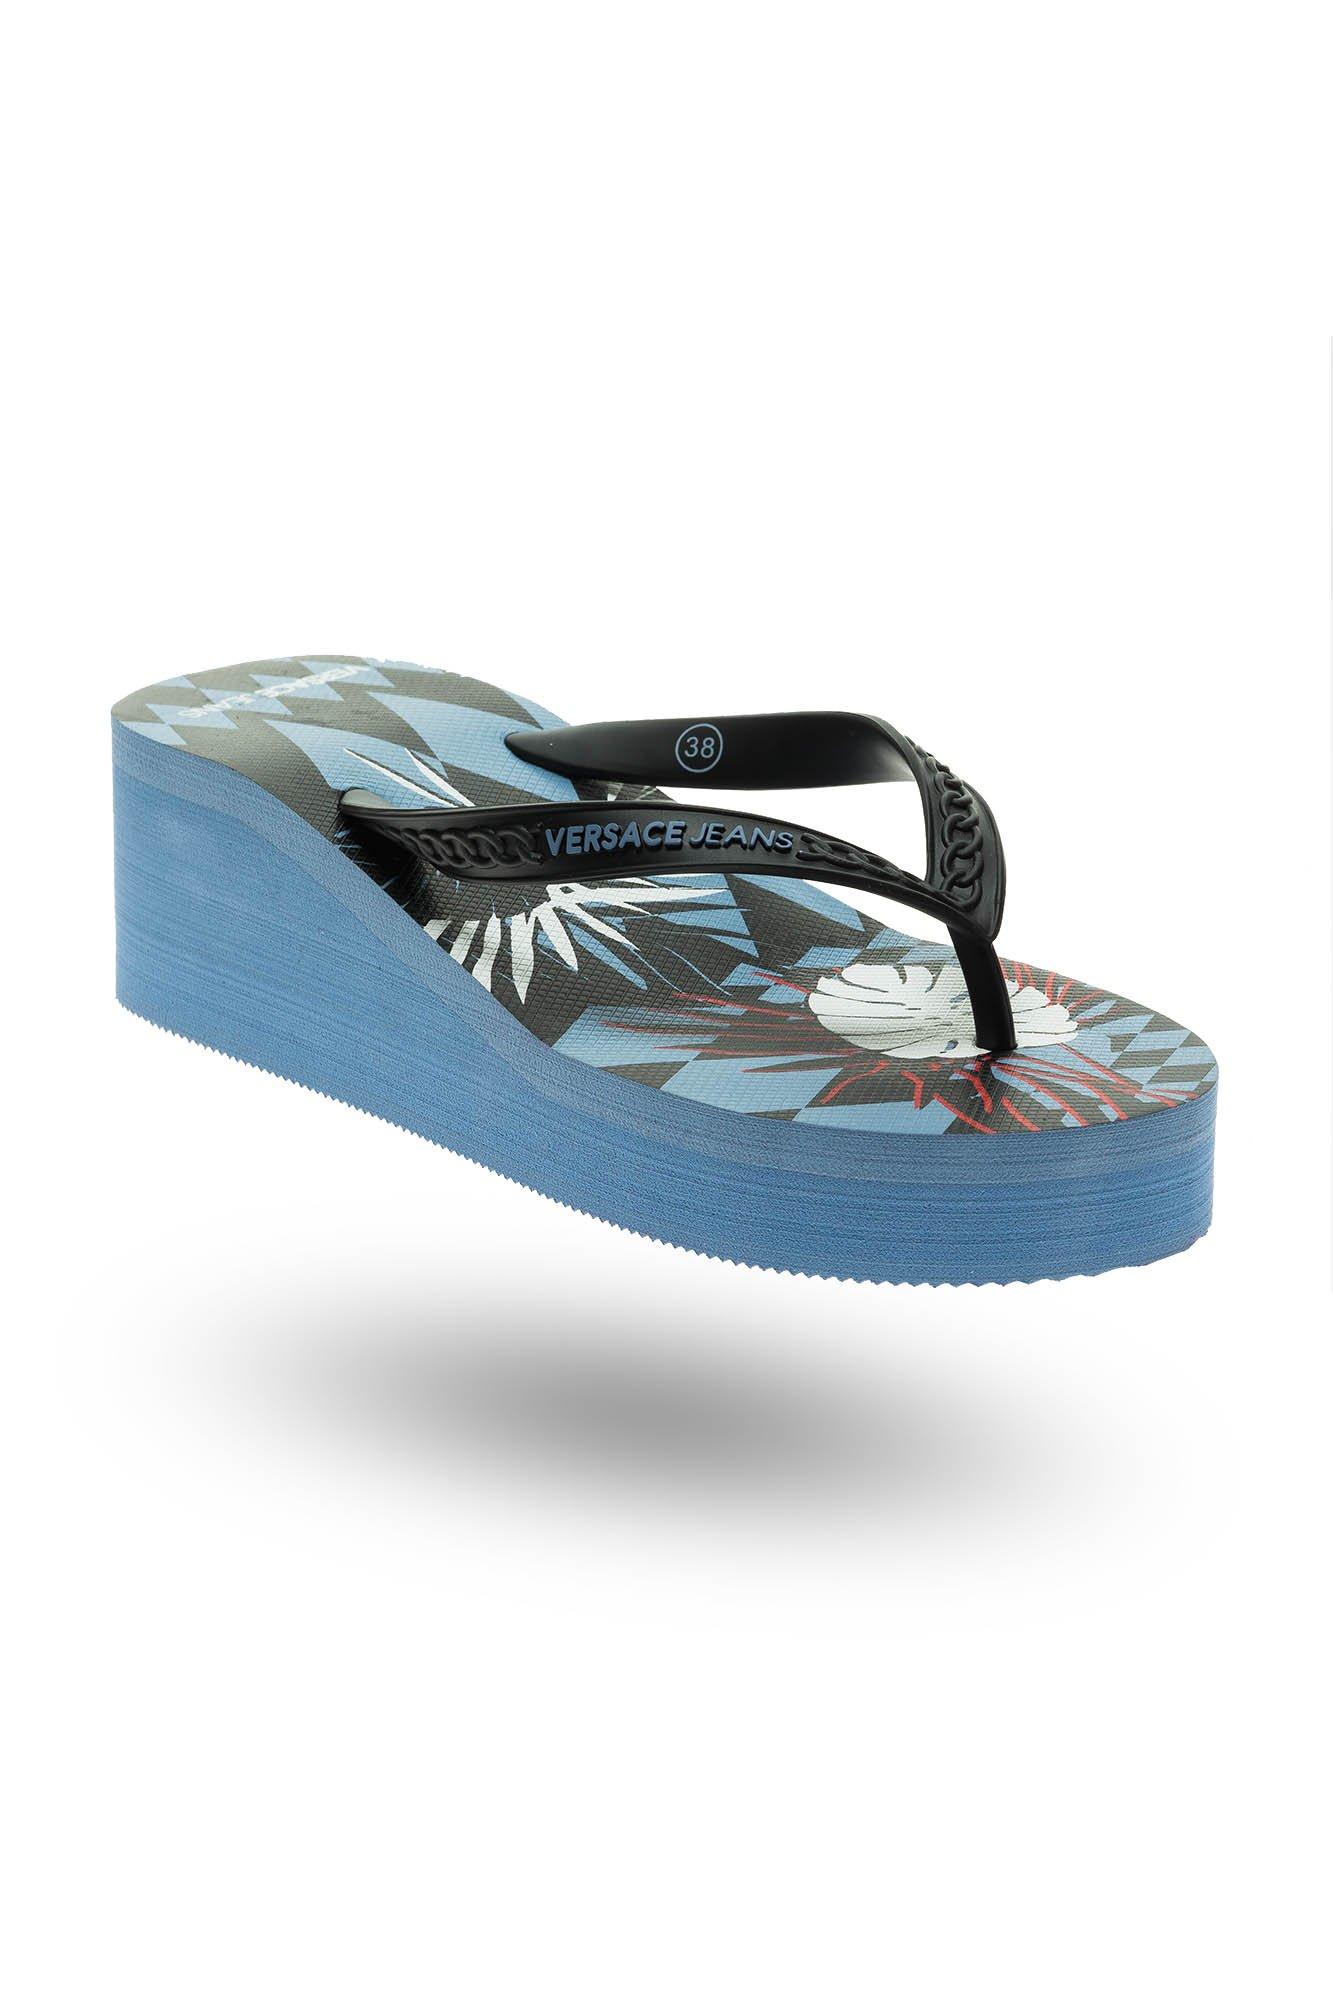 85a4635b Niebieskie japonki Versace Jeans na koturnie | Markowa odzież w ...